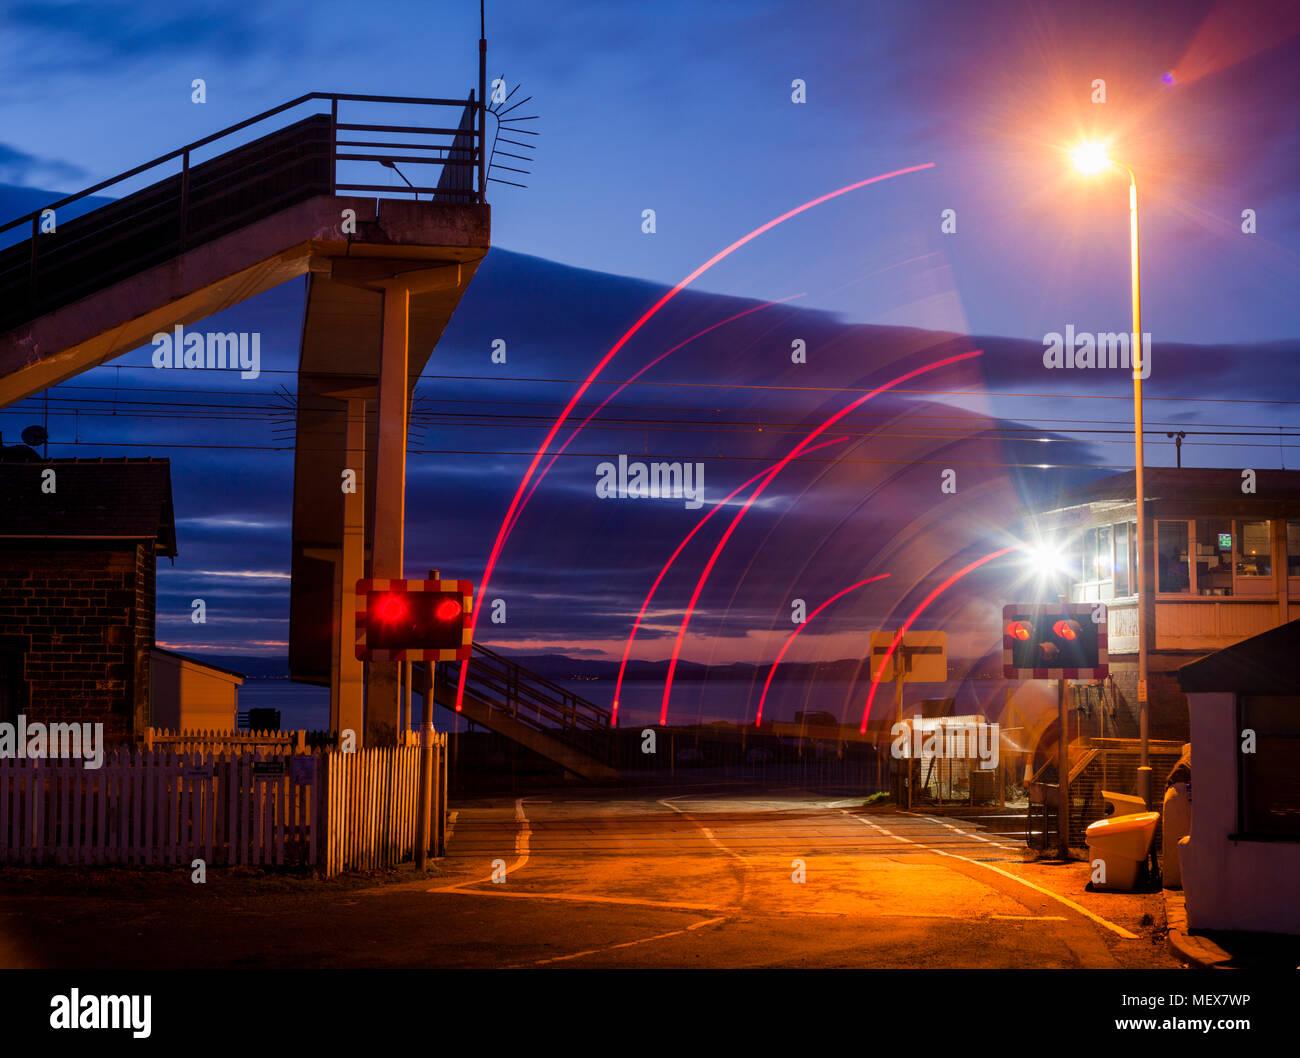 Hest Bank Bahnübergang mit Schranken und blinkende Lichter auf der West Coast Mainline, Lancashire, Großbritannien Stockbild